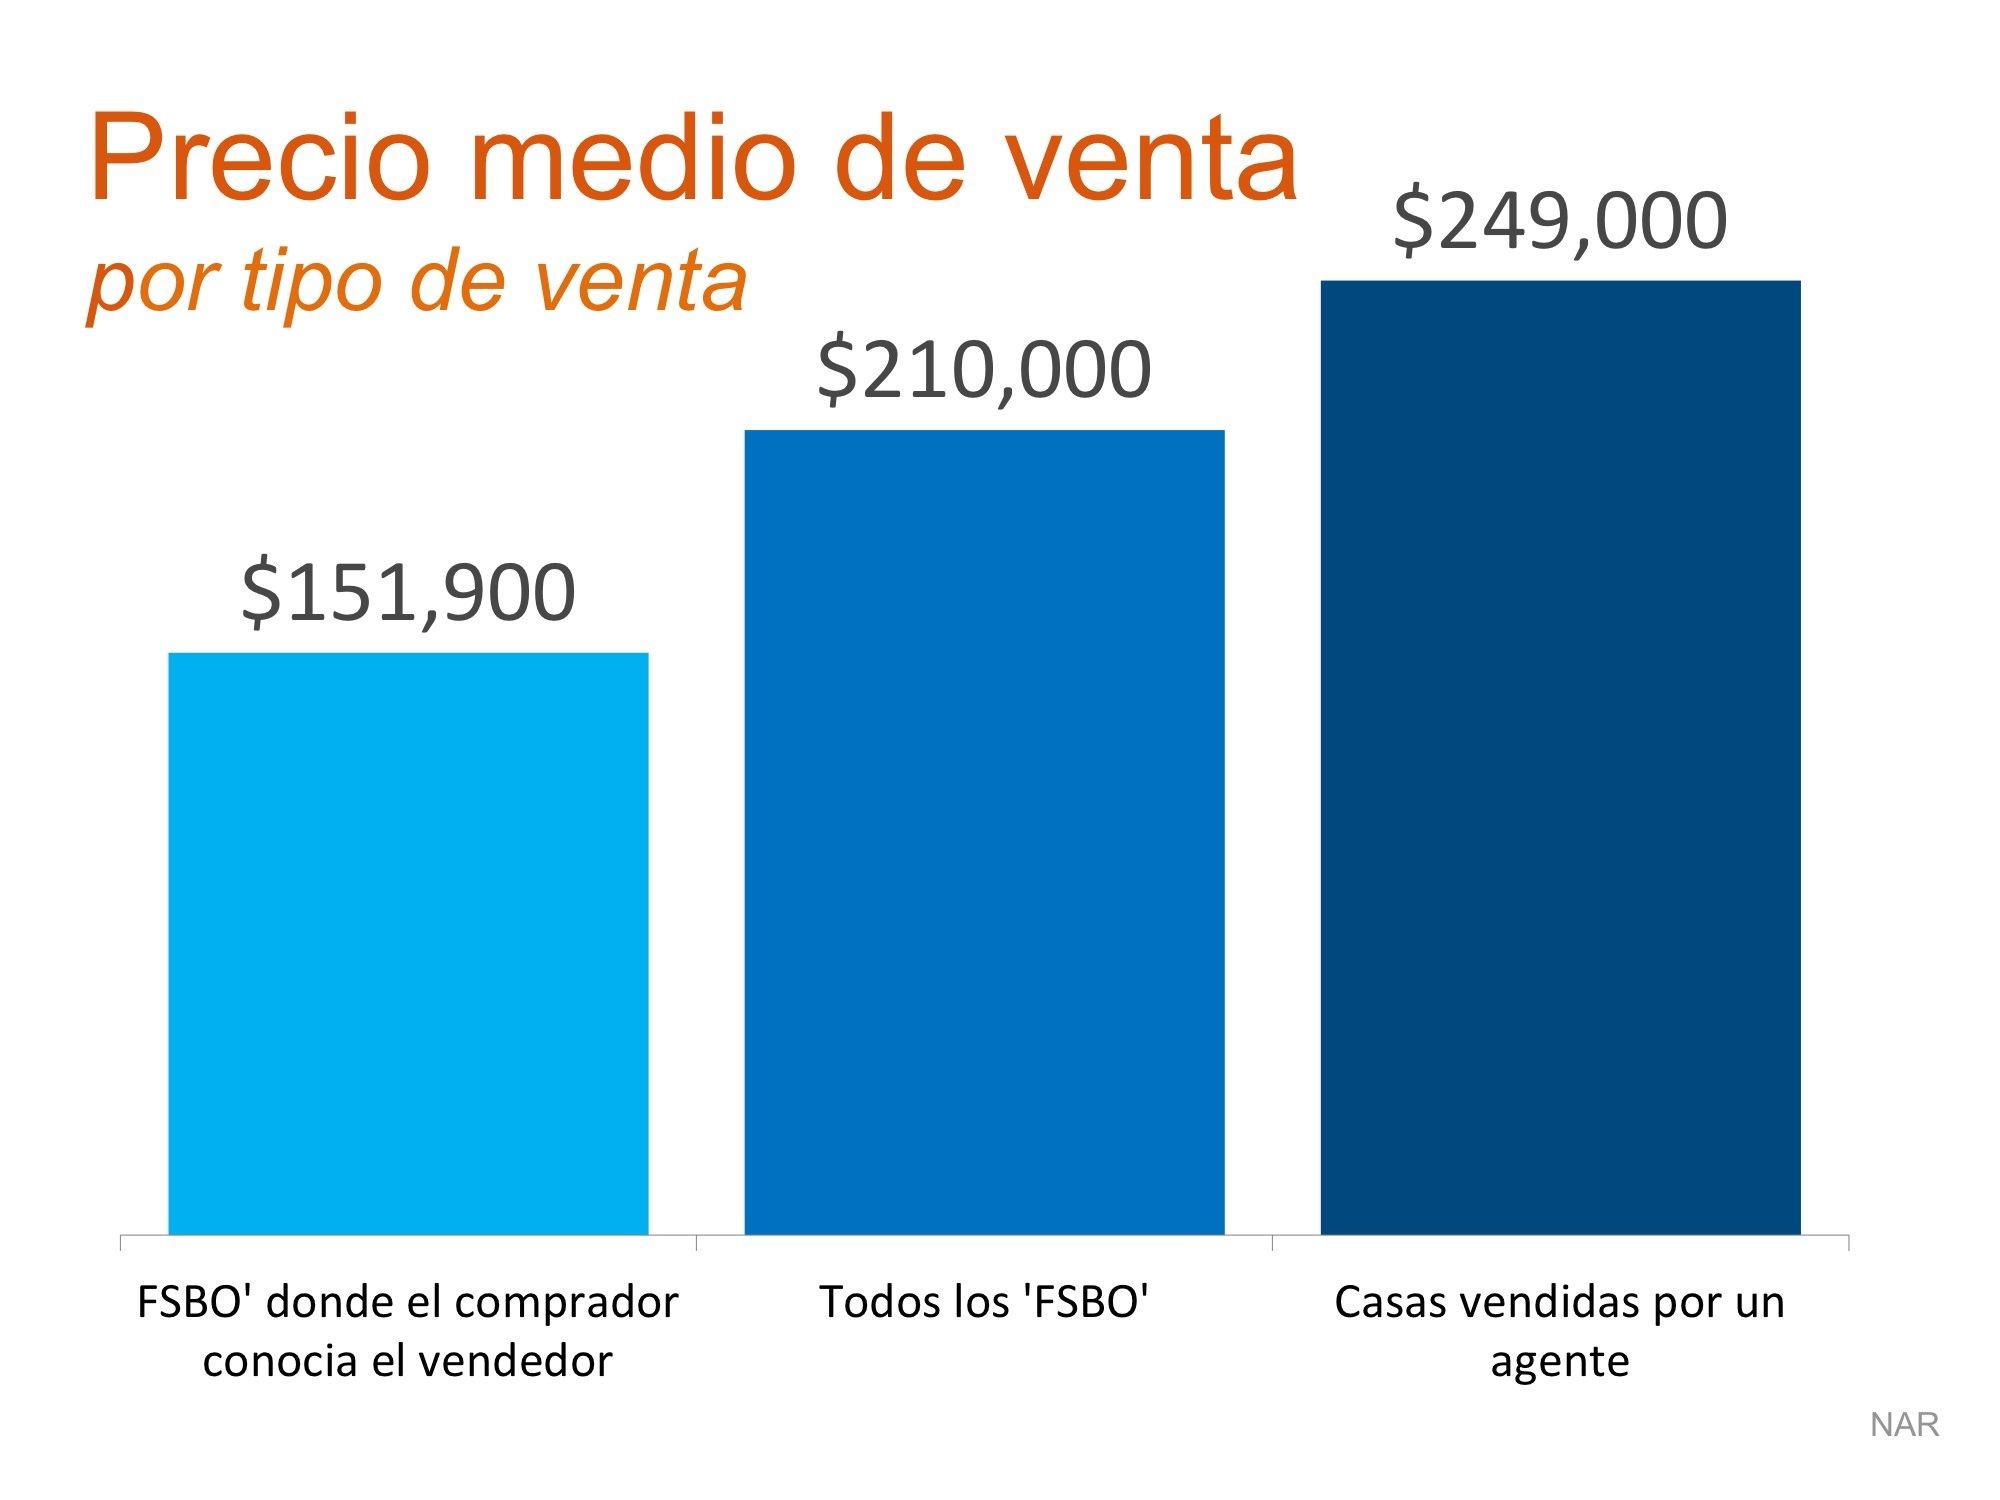 Precio promedio de venta - Simplifying the market